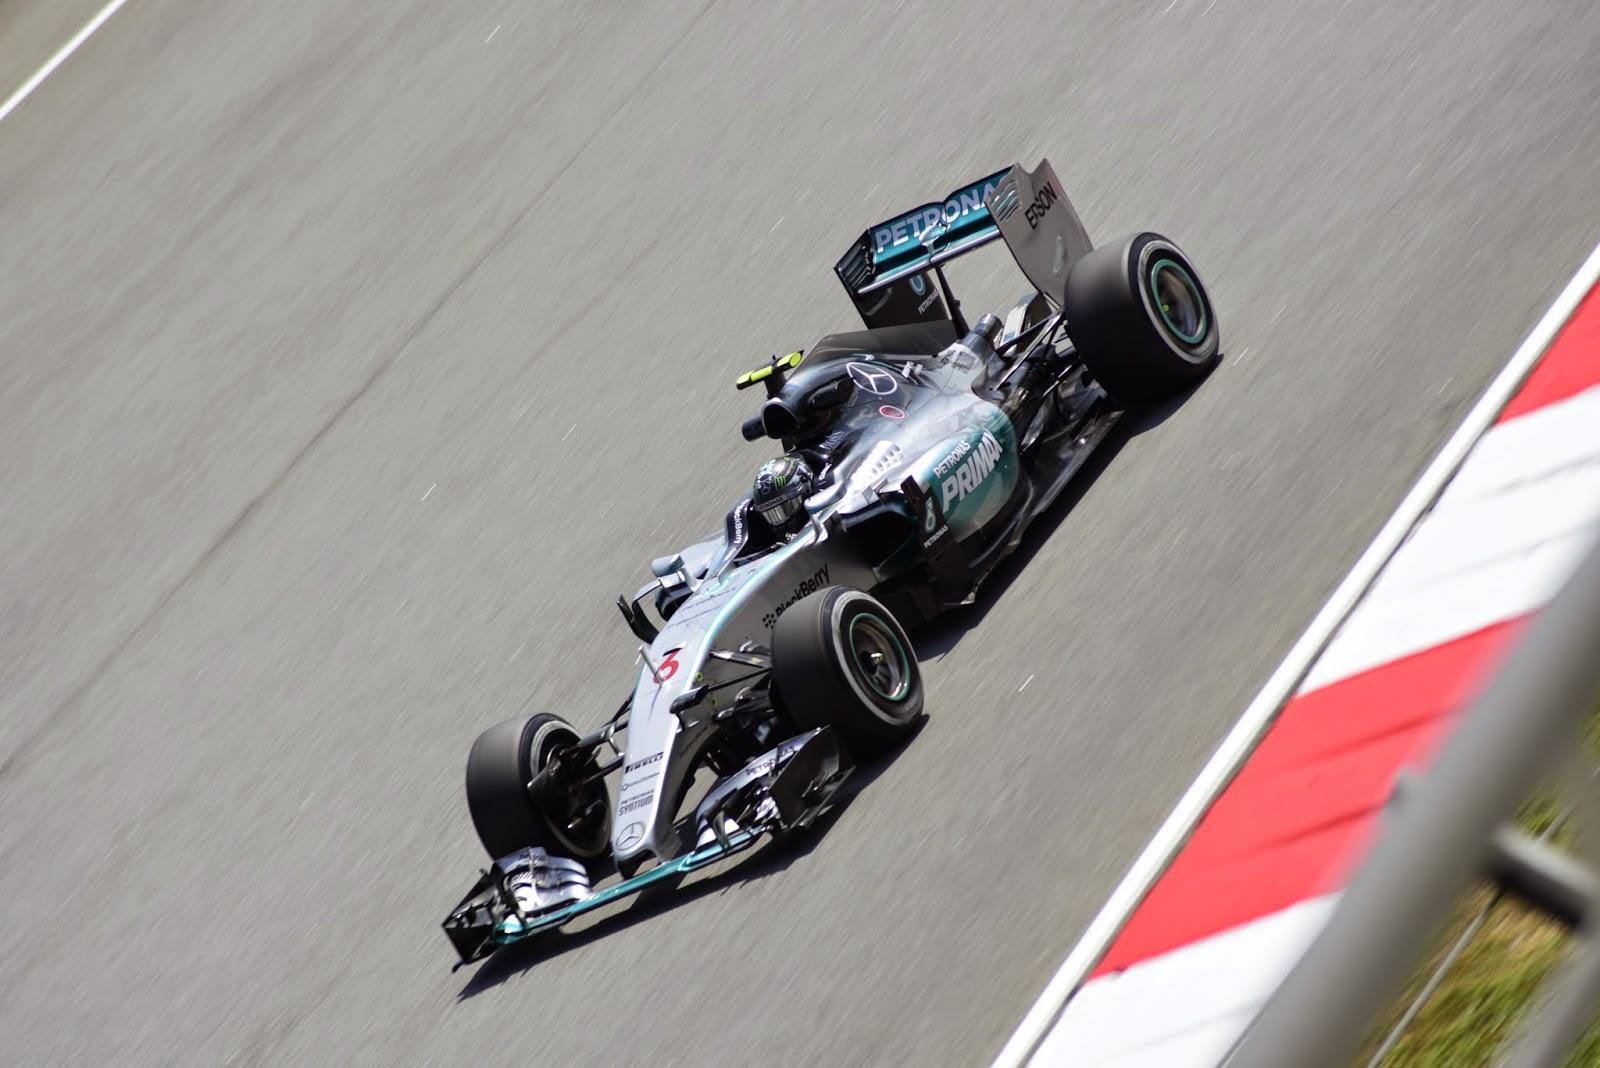 Nico Rosberg in Malaysia